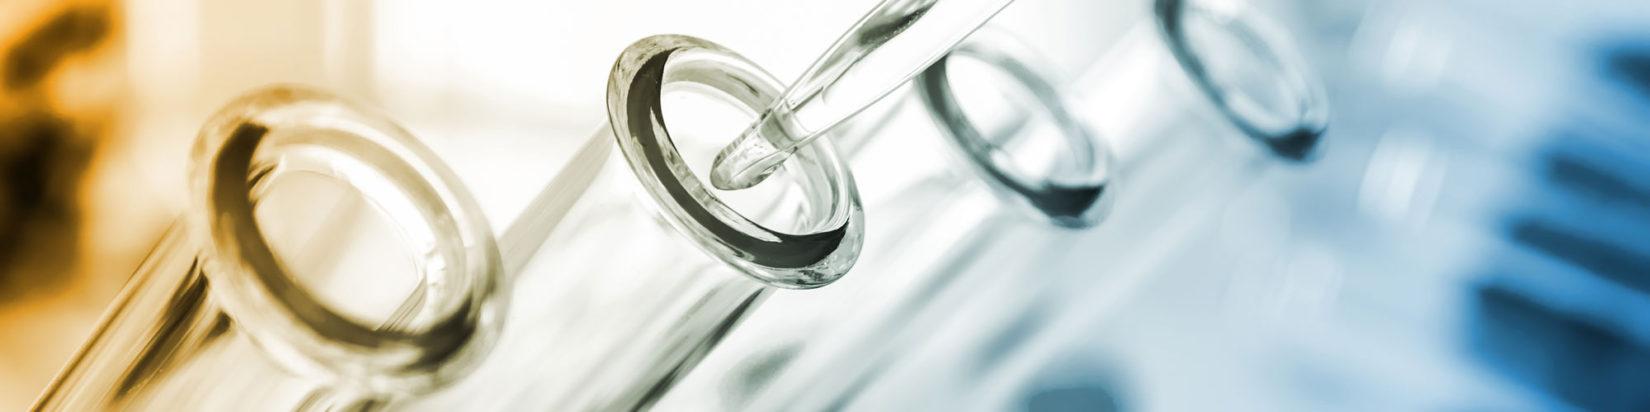 Utlysning av forskningsmedel för celiakiforskning 2019